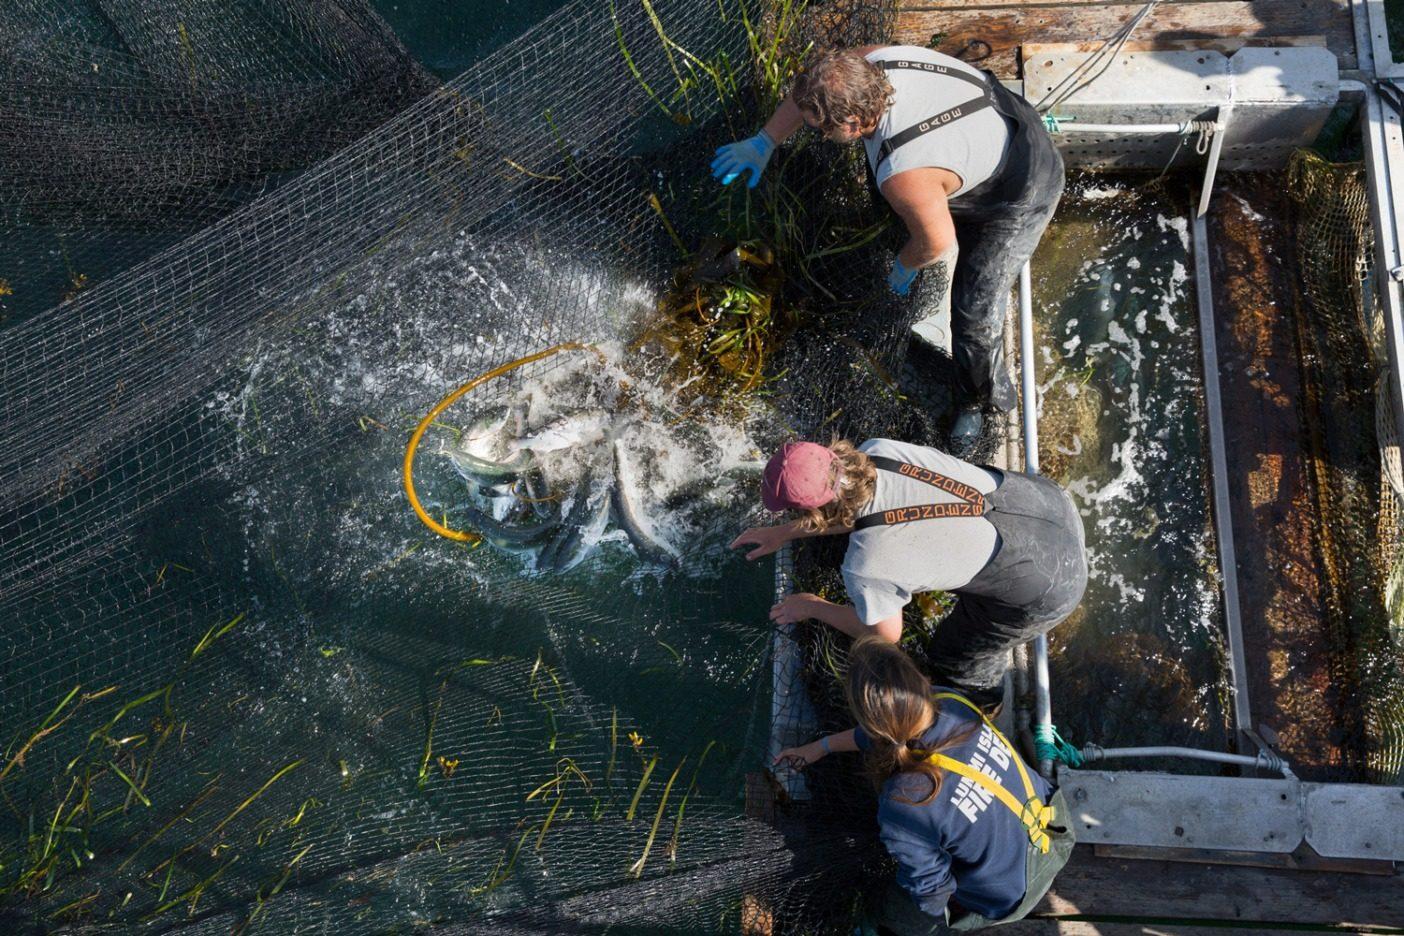 ルミ島のリーフネット漁業によるピンク・サーモン。リーフネットは元祖、そしていまも、最善の選別漁業法だ。Photo: Amy Kumler